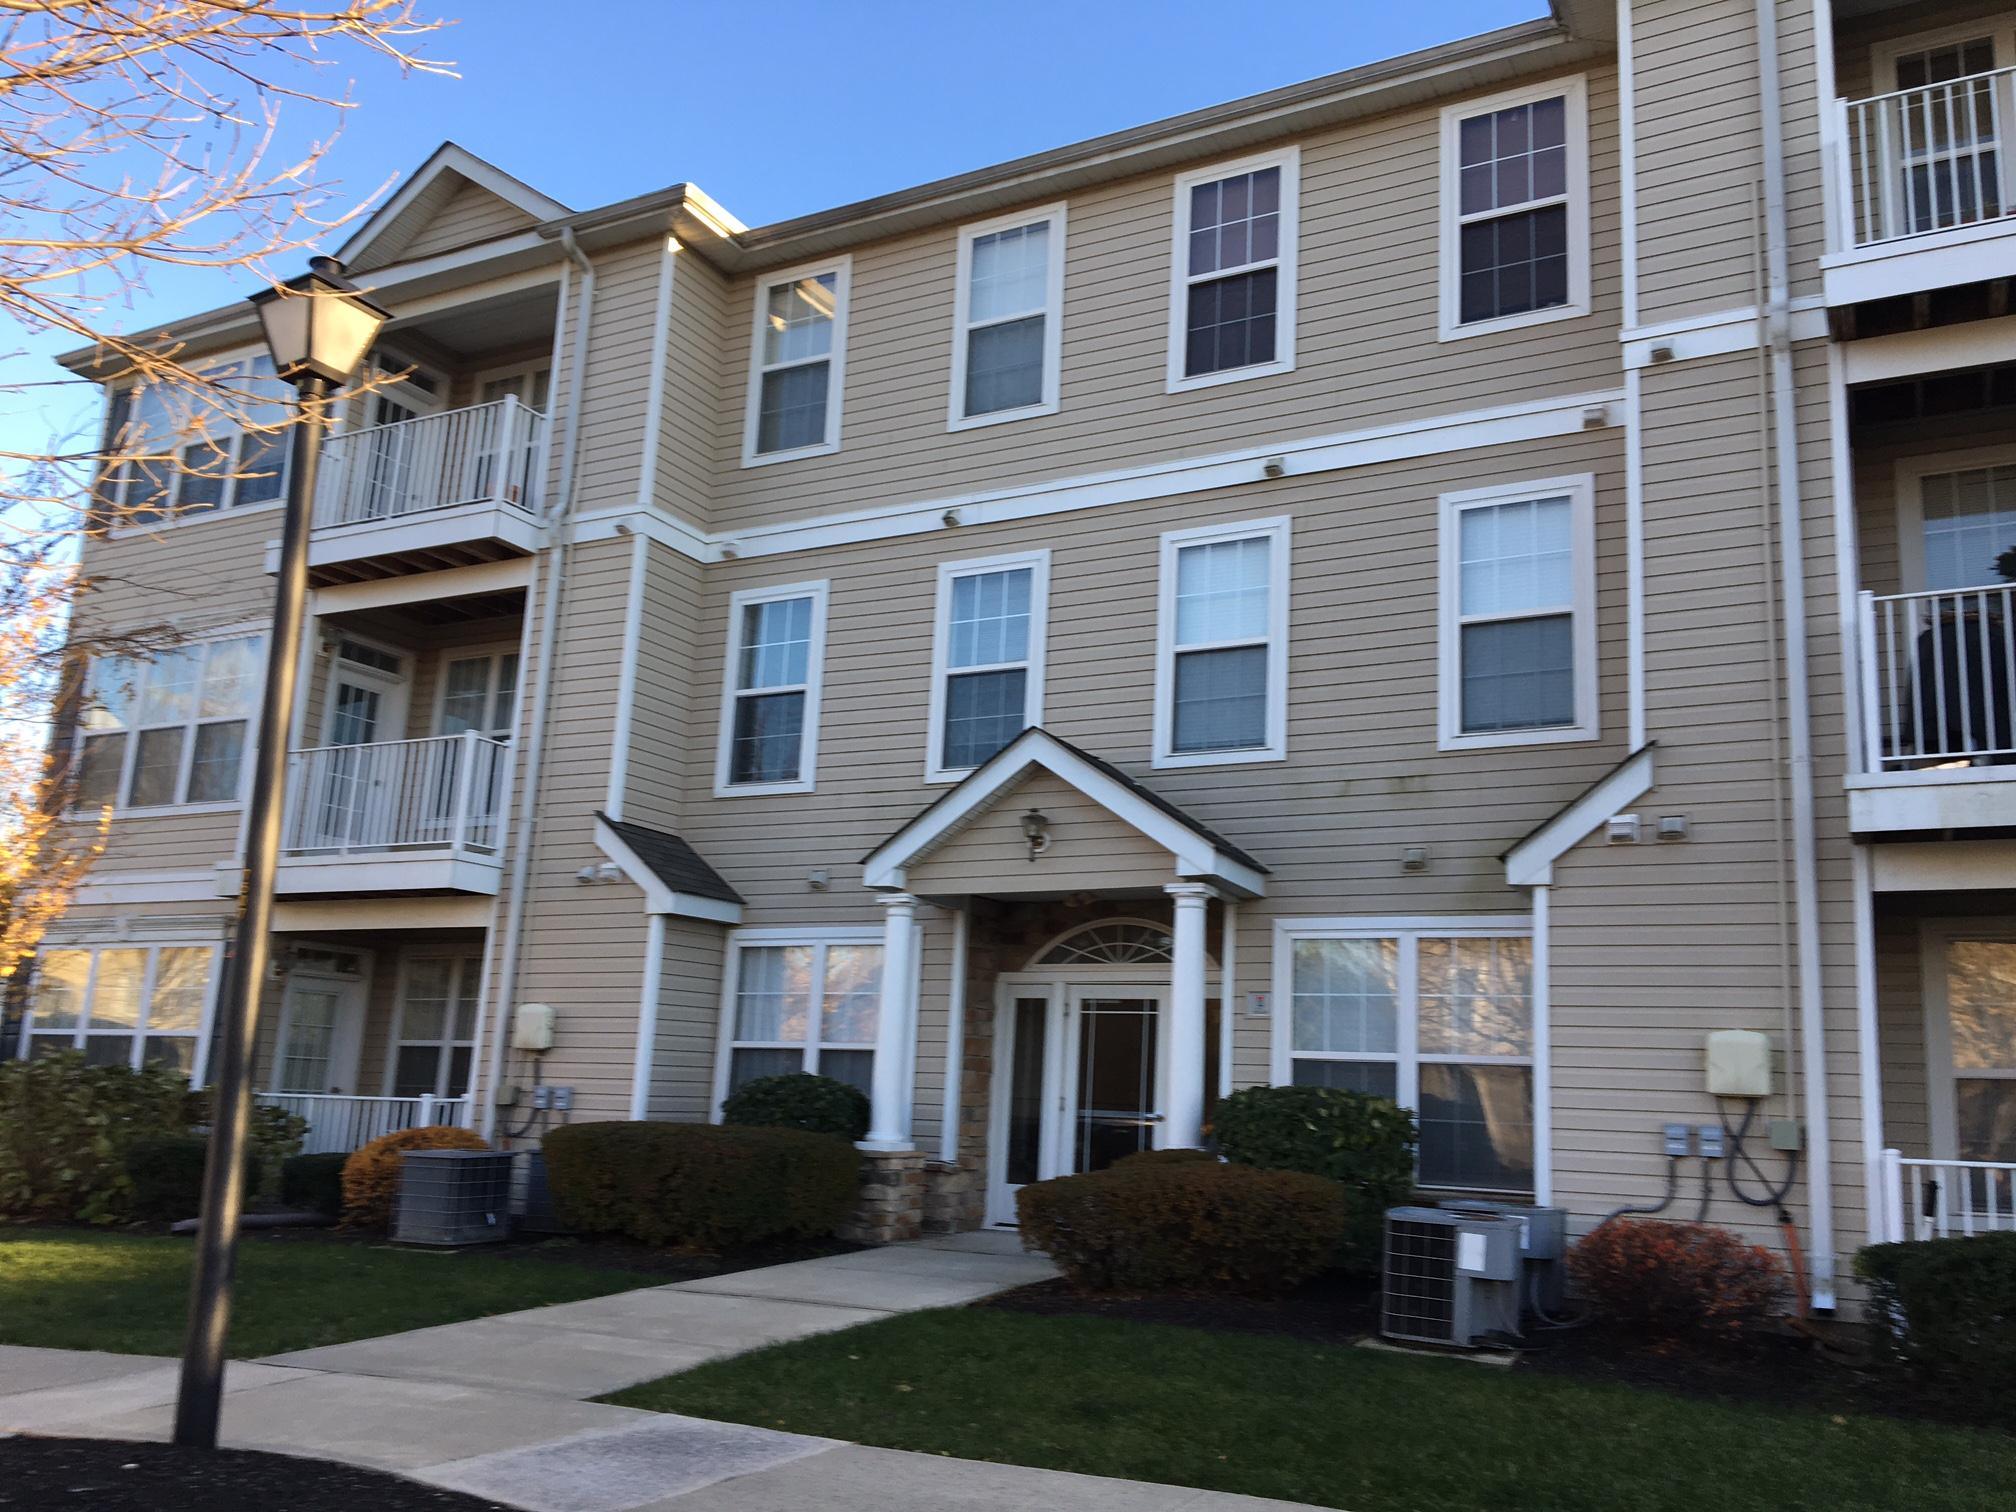 Apartamento por un Alquiler en Scotch Run - Two Bedroom for Rent 47 Kyle Way Ewing, Nueva Jersey 08628 Estados Unidos